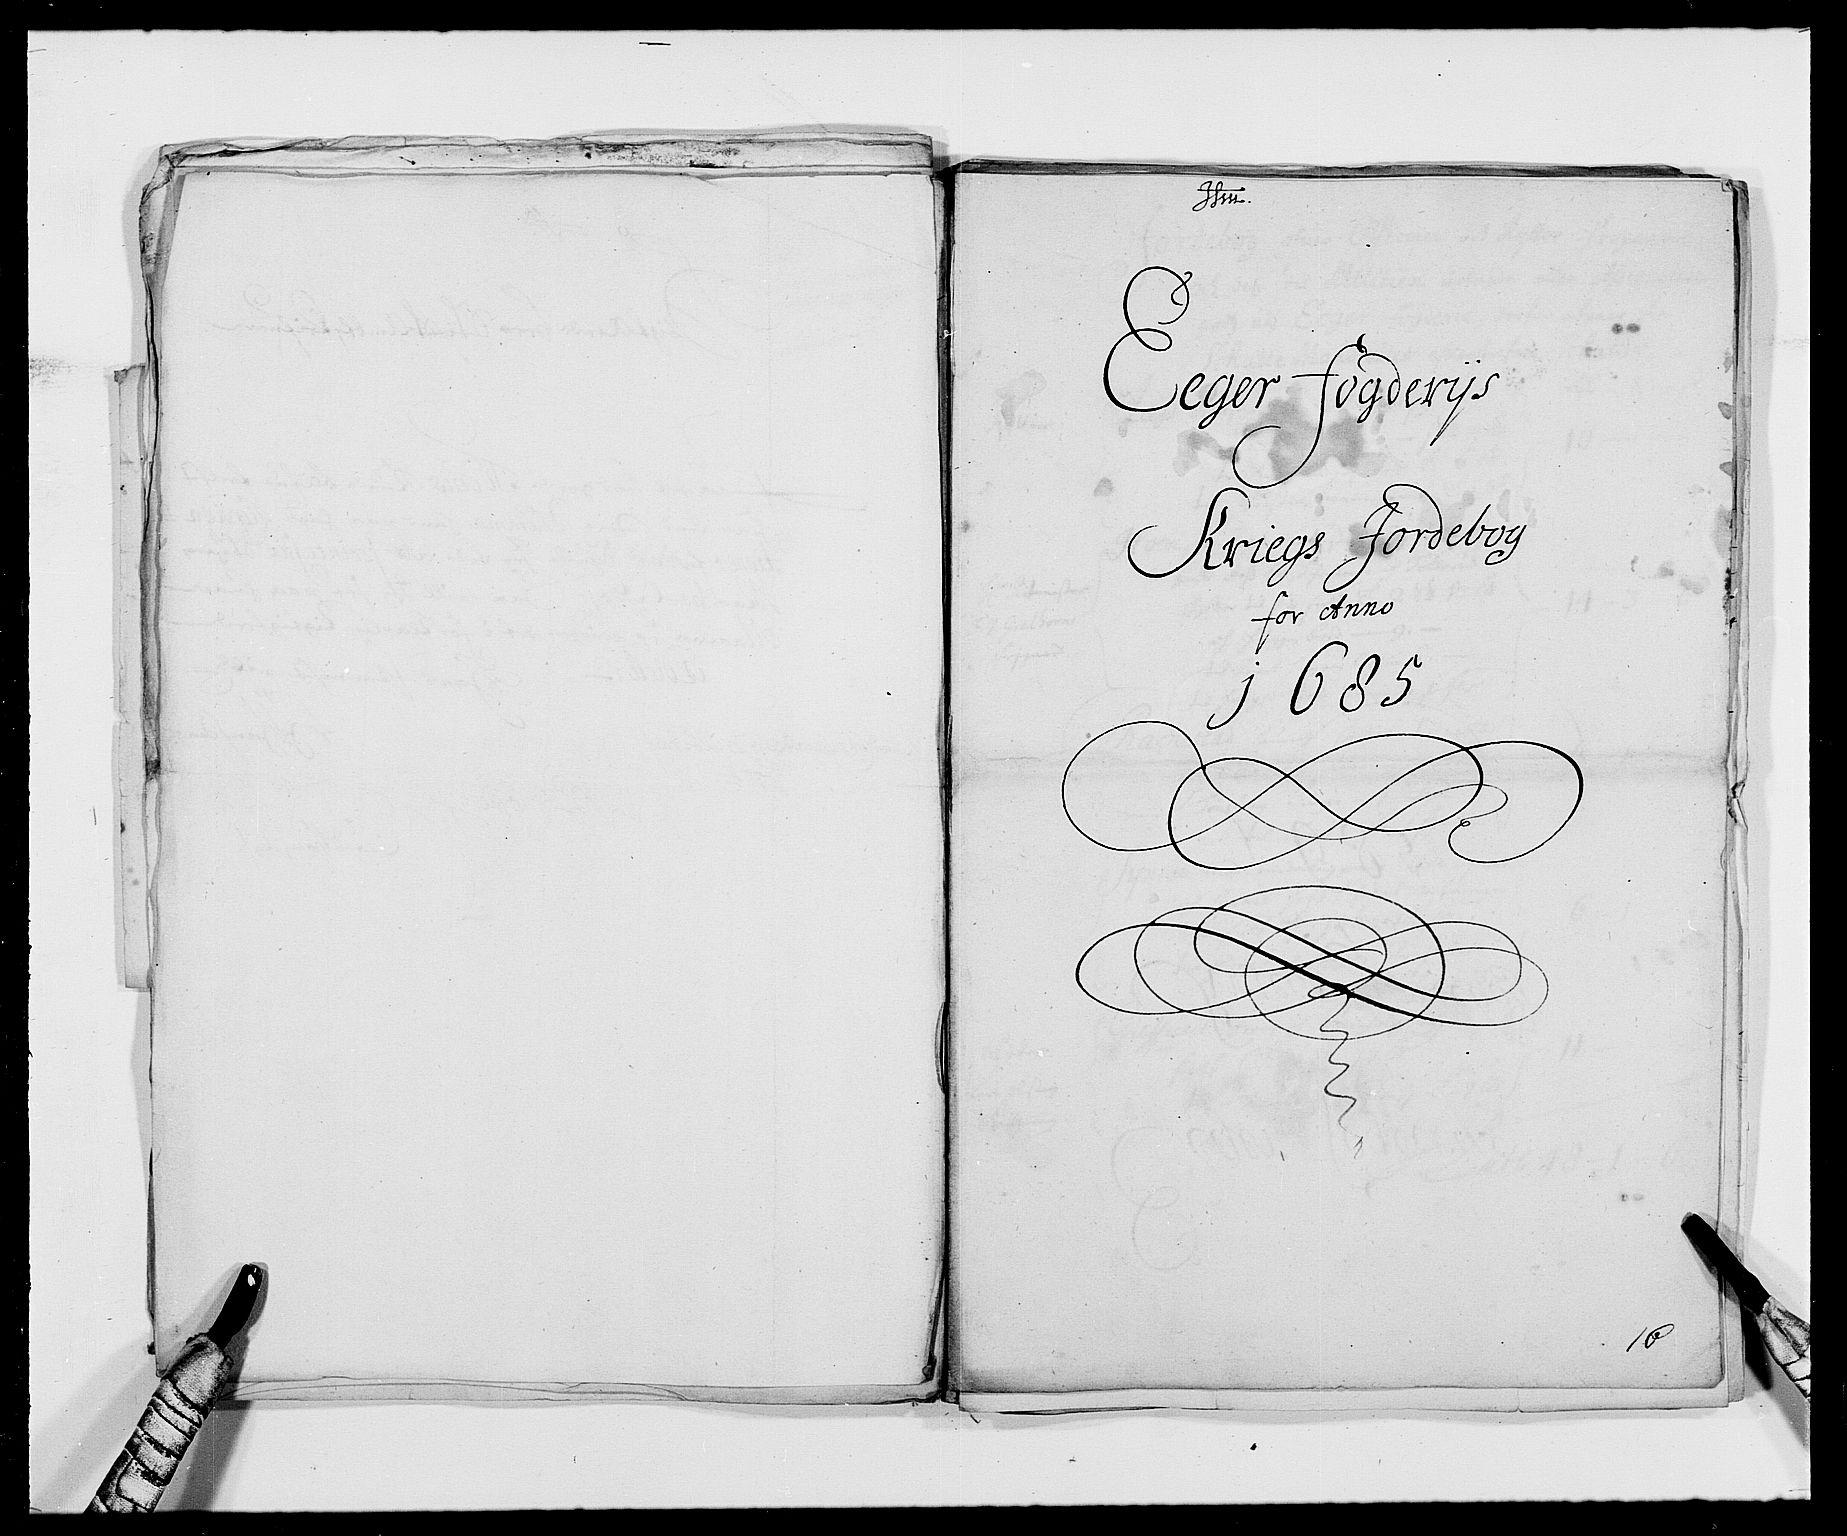 RA, Rentekammeret inntil 1814, Reviderte regnskaper, Fogderegnskap, R26/L1685: Fogderegnskap Eiker, 1679-1686, s. 278